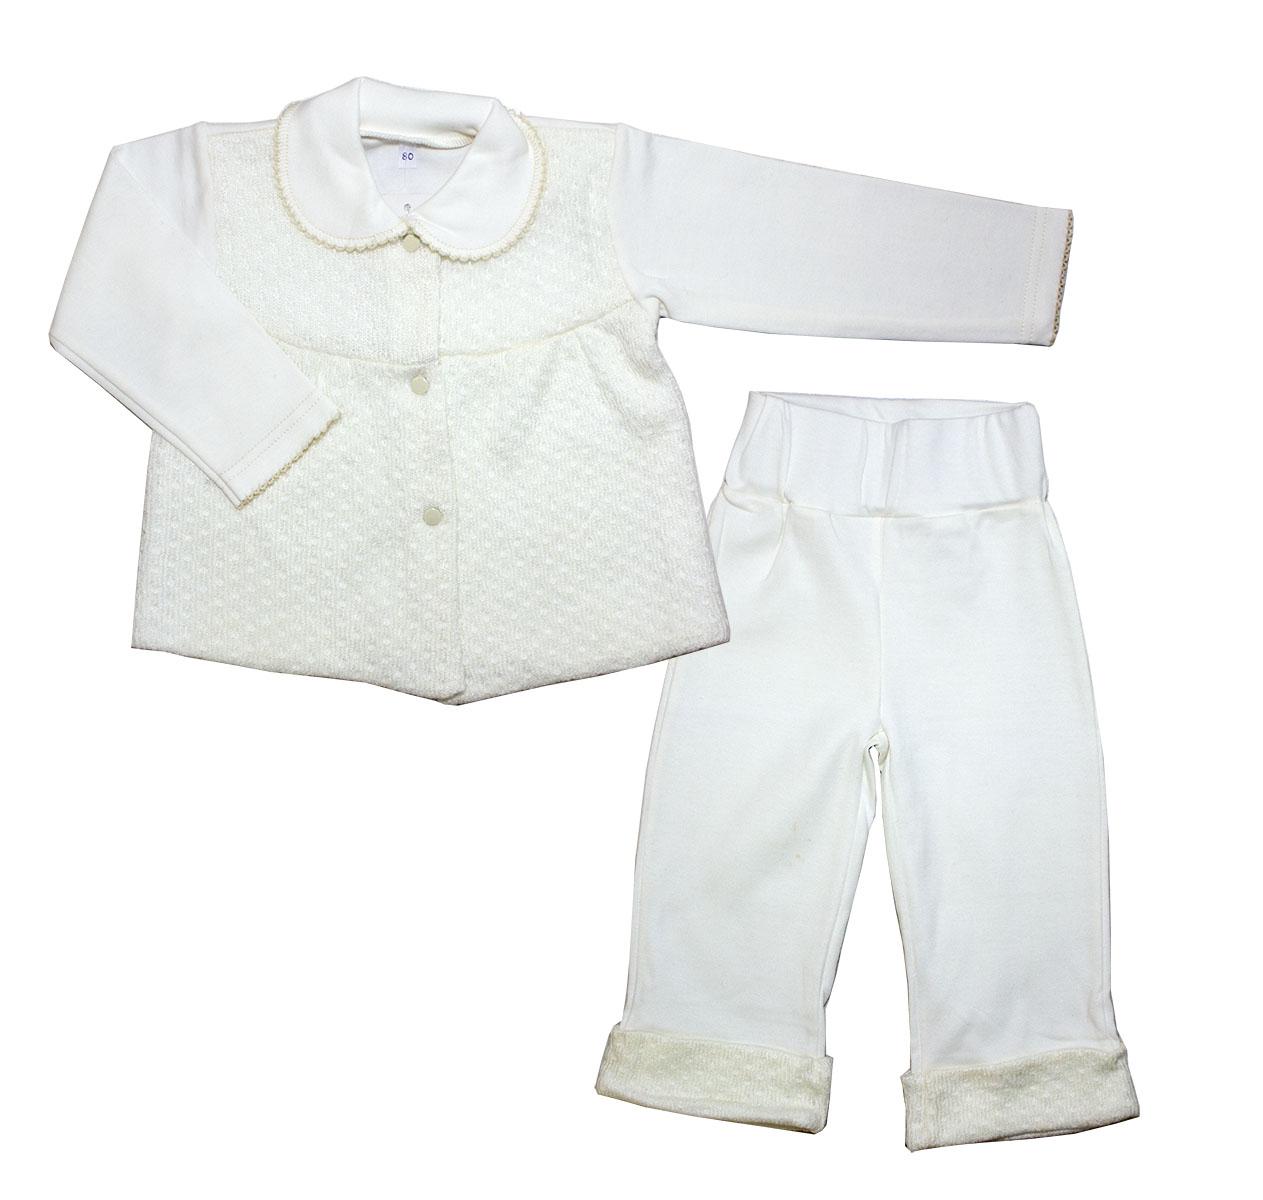 Комплект одежды Осьминожка для девочки бежевый р.74